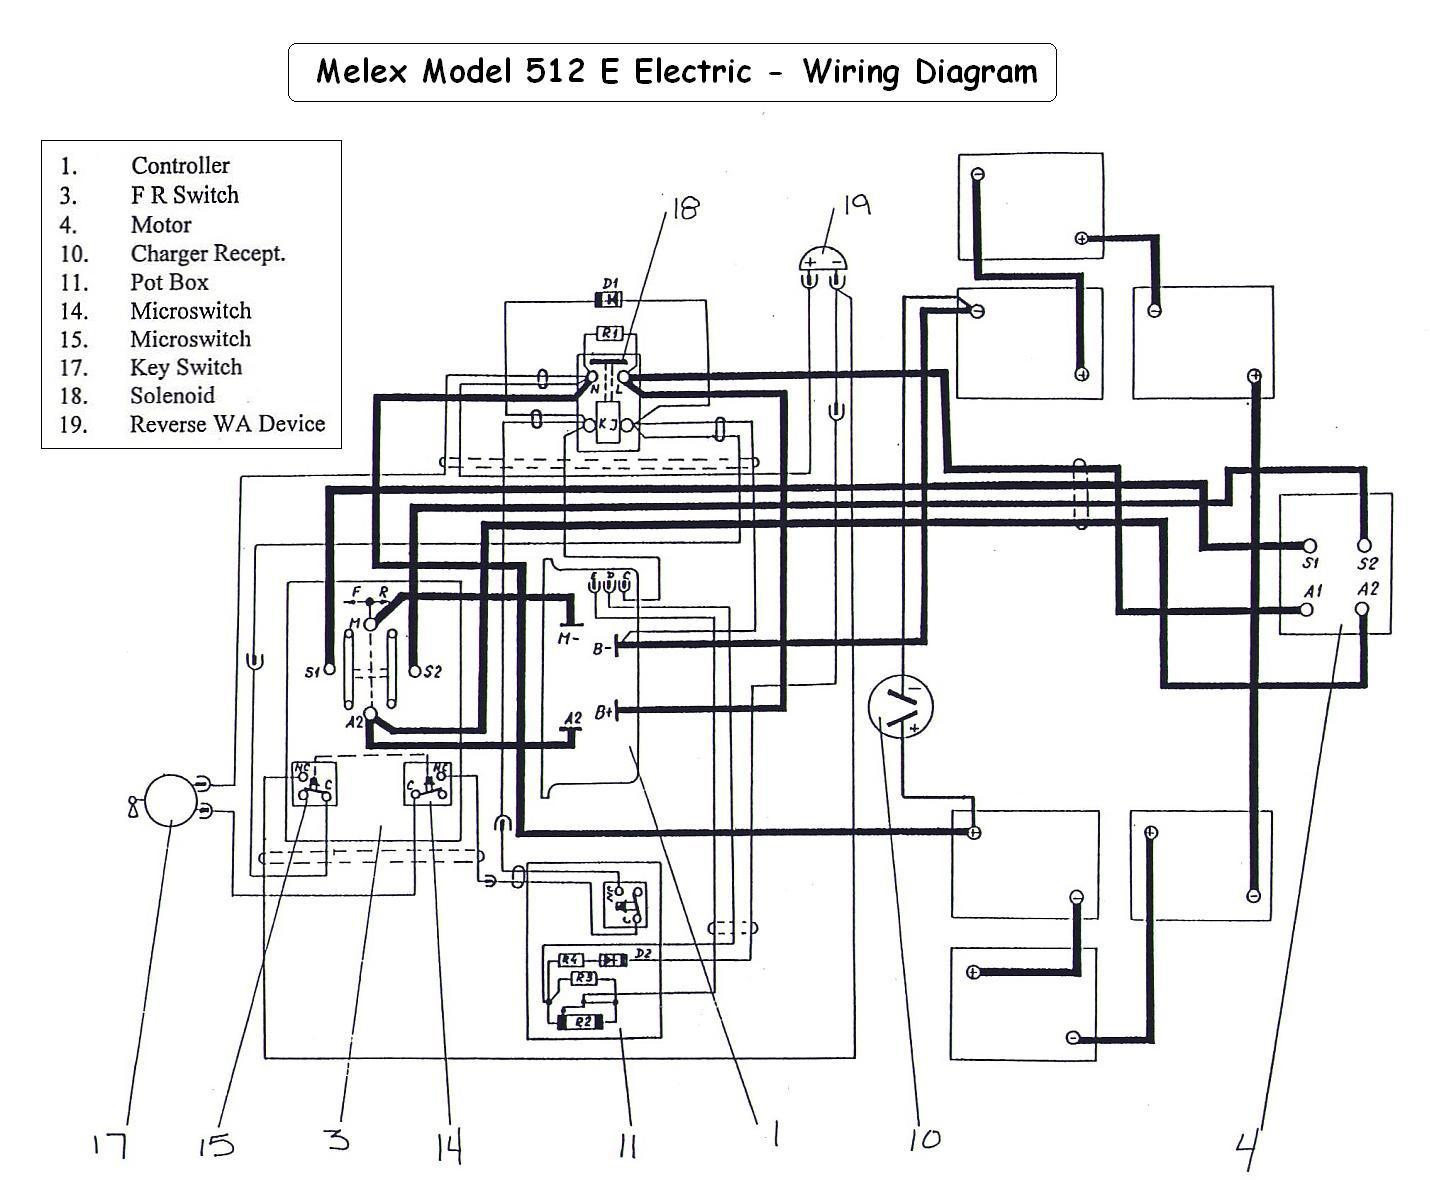 yamaha xs11 wiring diagram online wiring diagram rh 3 criptoaldia co 1981 yamaha xs1100 wiring diagram 78 yamaha xs1100 wiring diagram